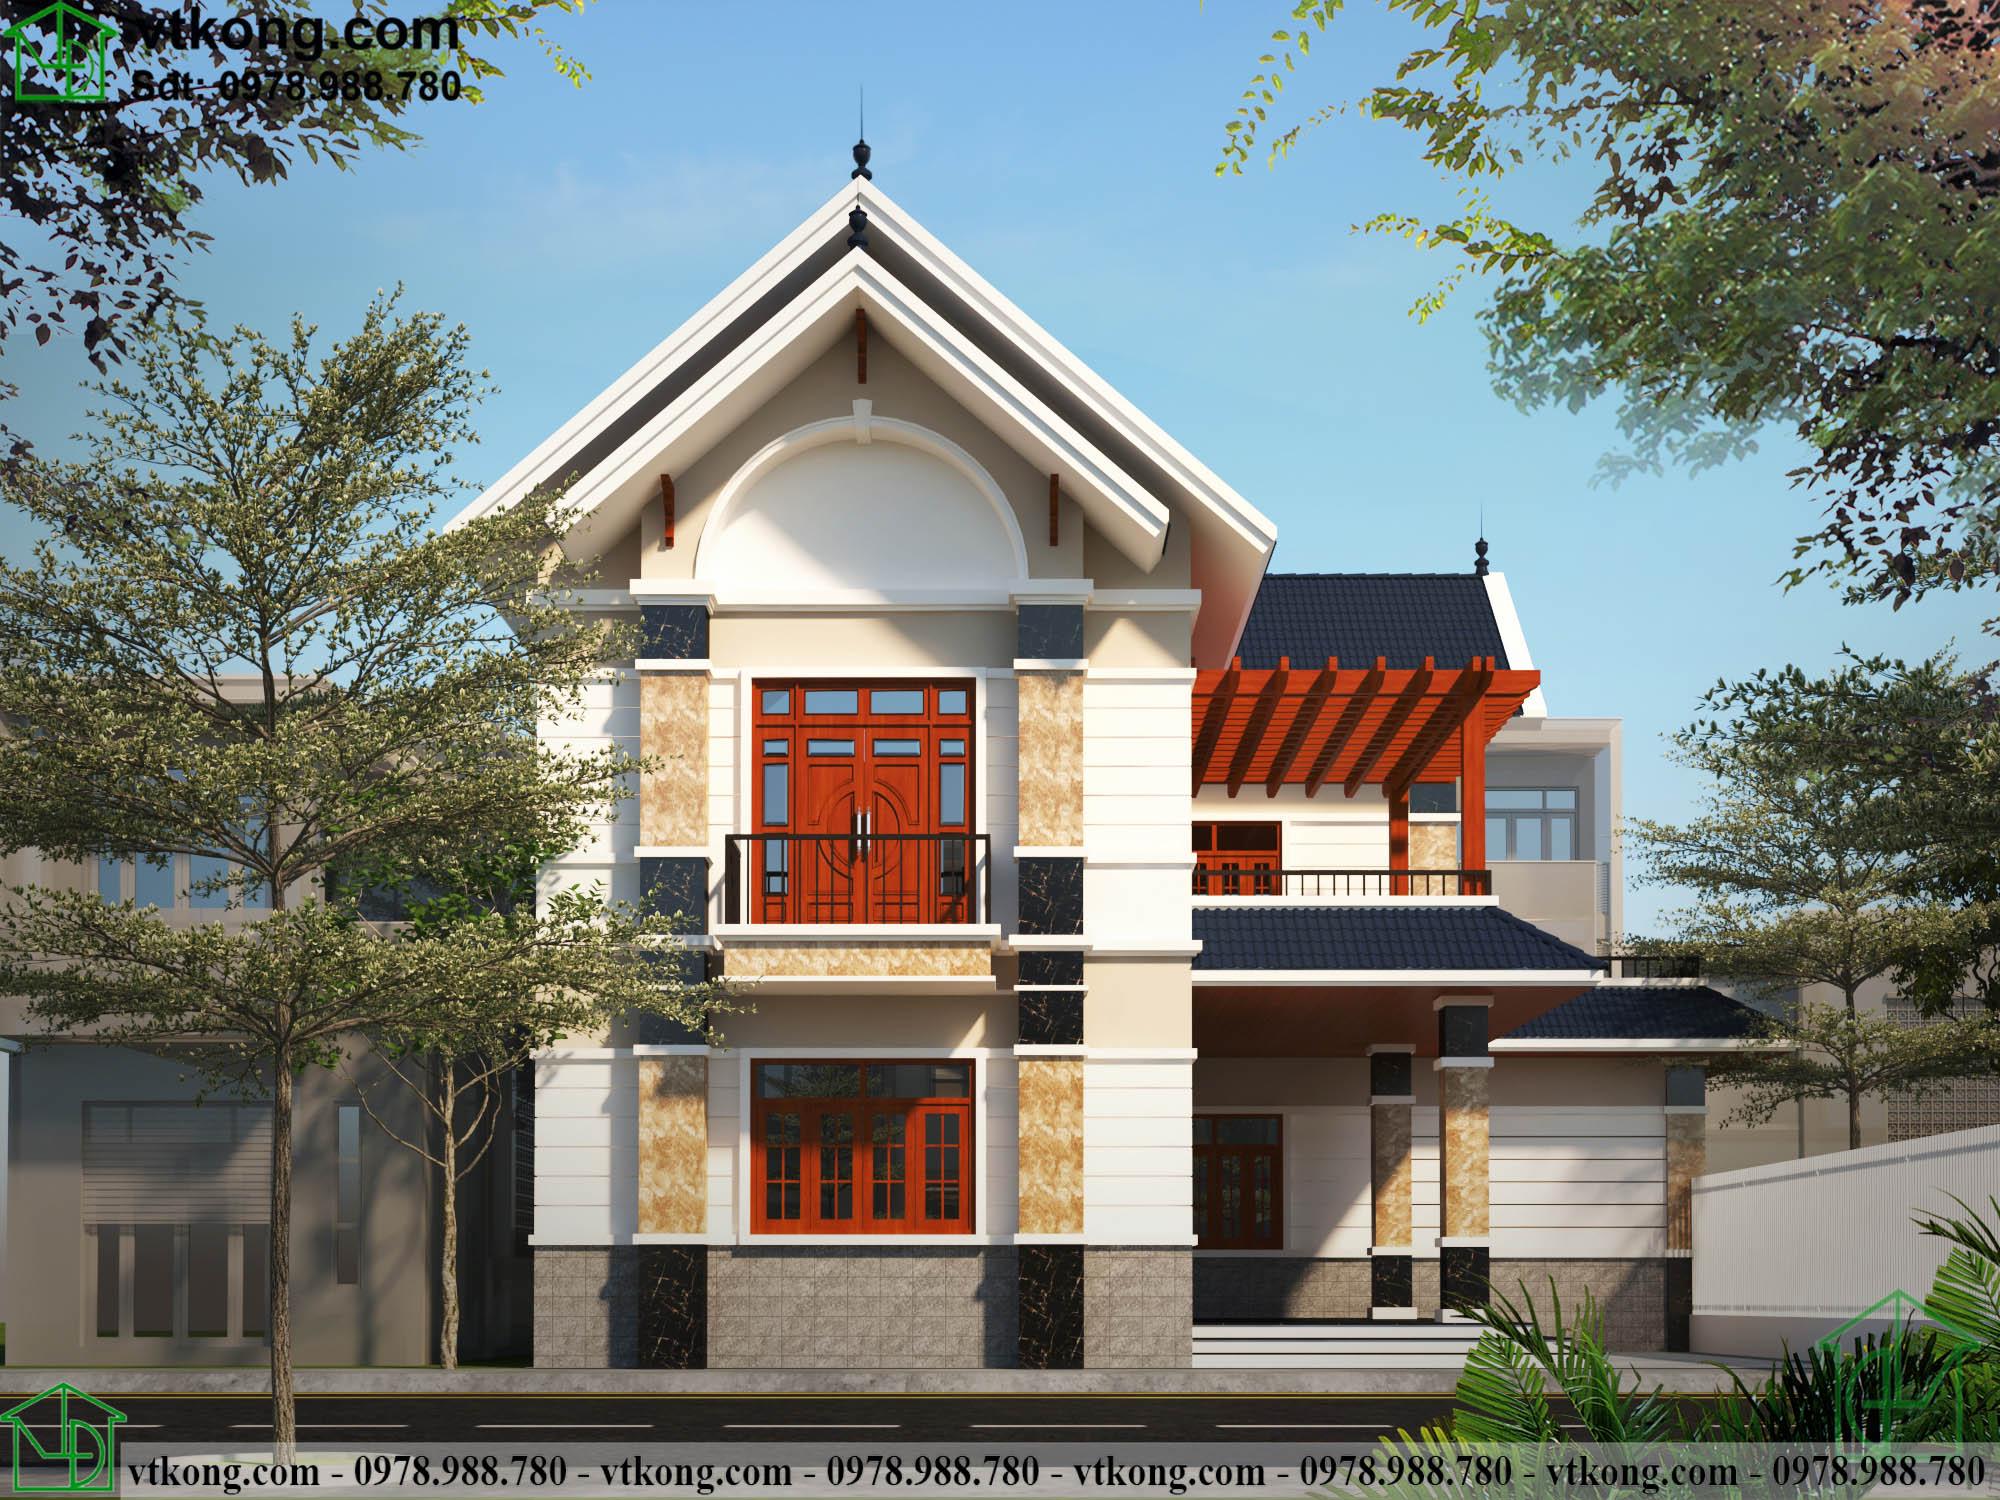 Mẫu thiết kế biệt thự 2 tầng chữ L diện tích 14x16m